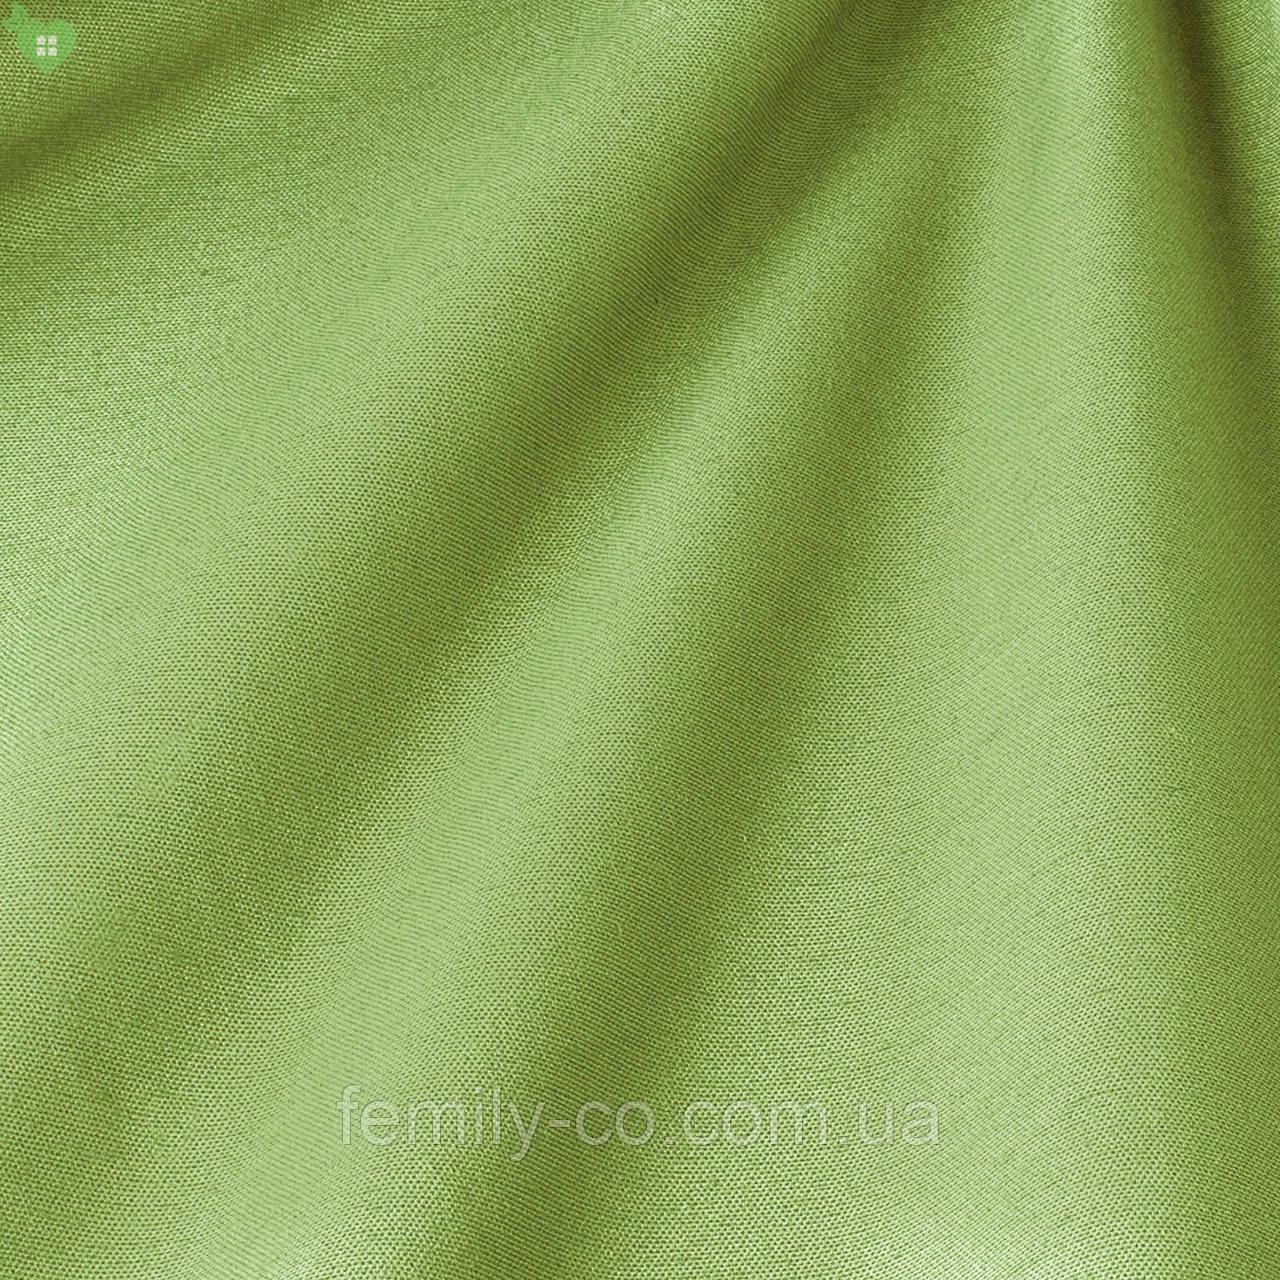 Однотонная декоративная ткань лесного зеленого цвета Испания 82444v25